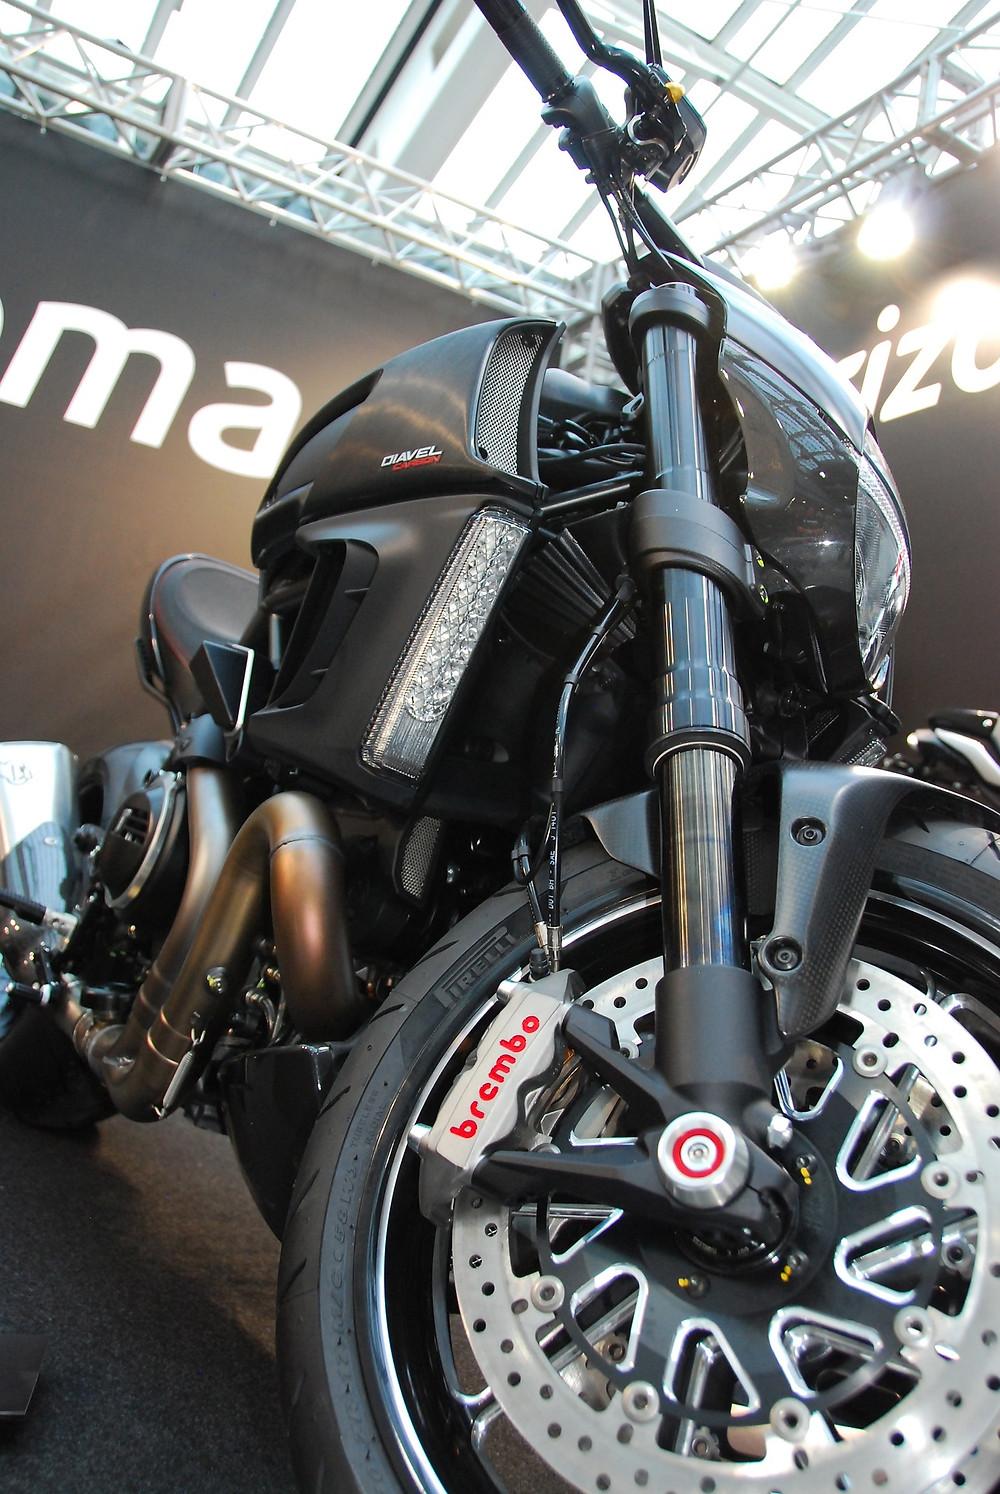 moottoripyörä musta ducati